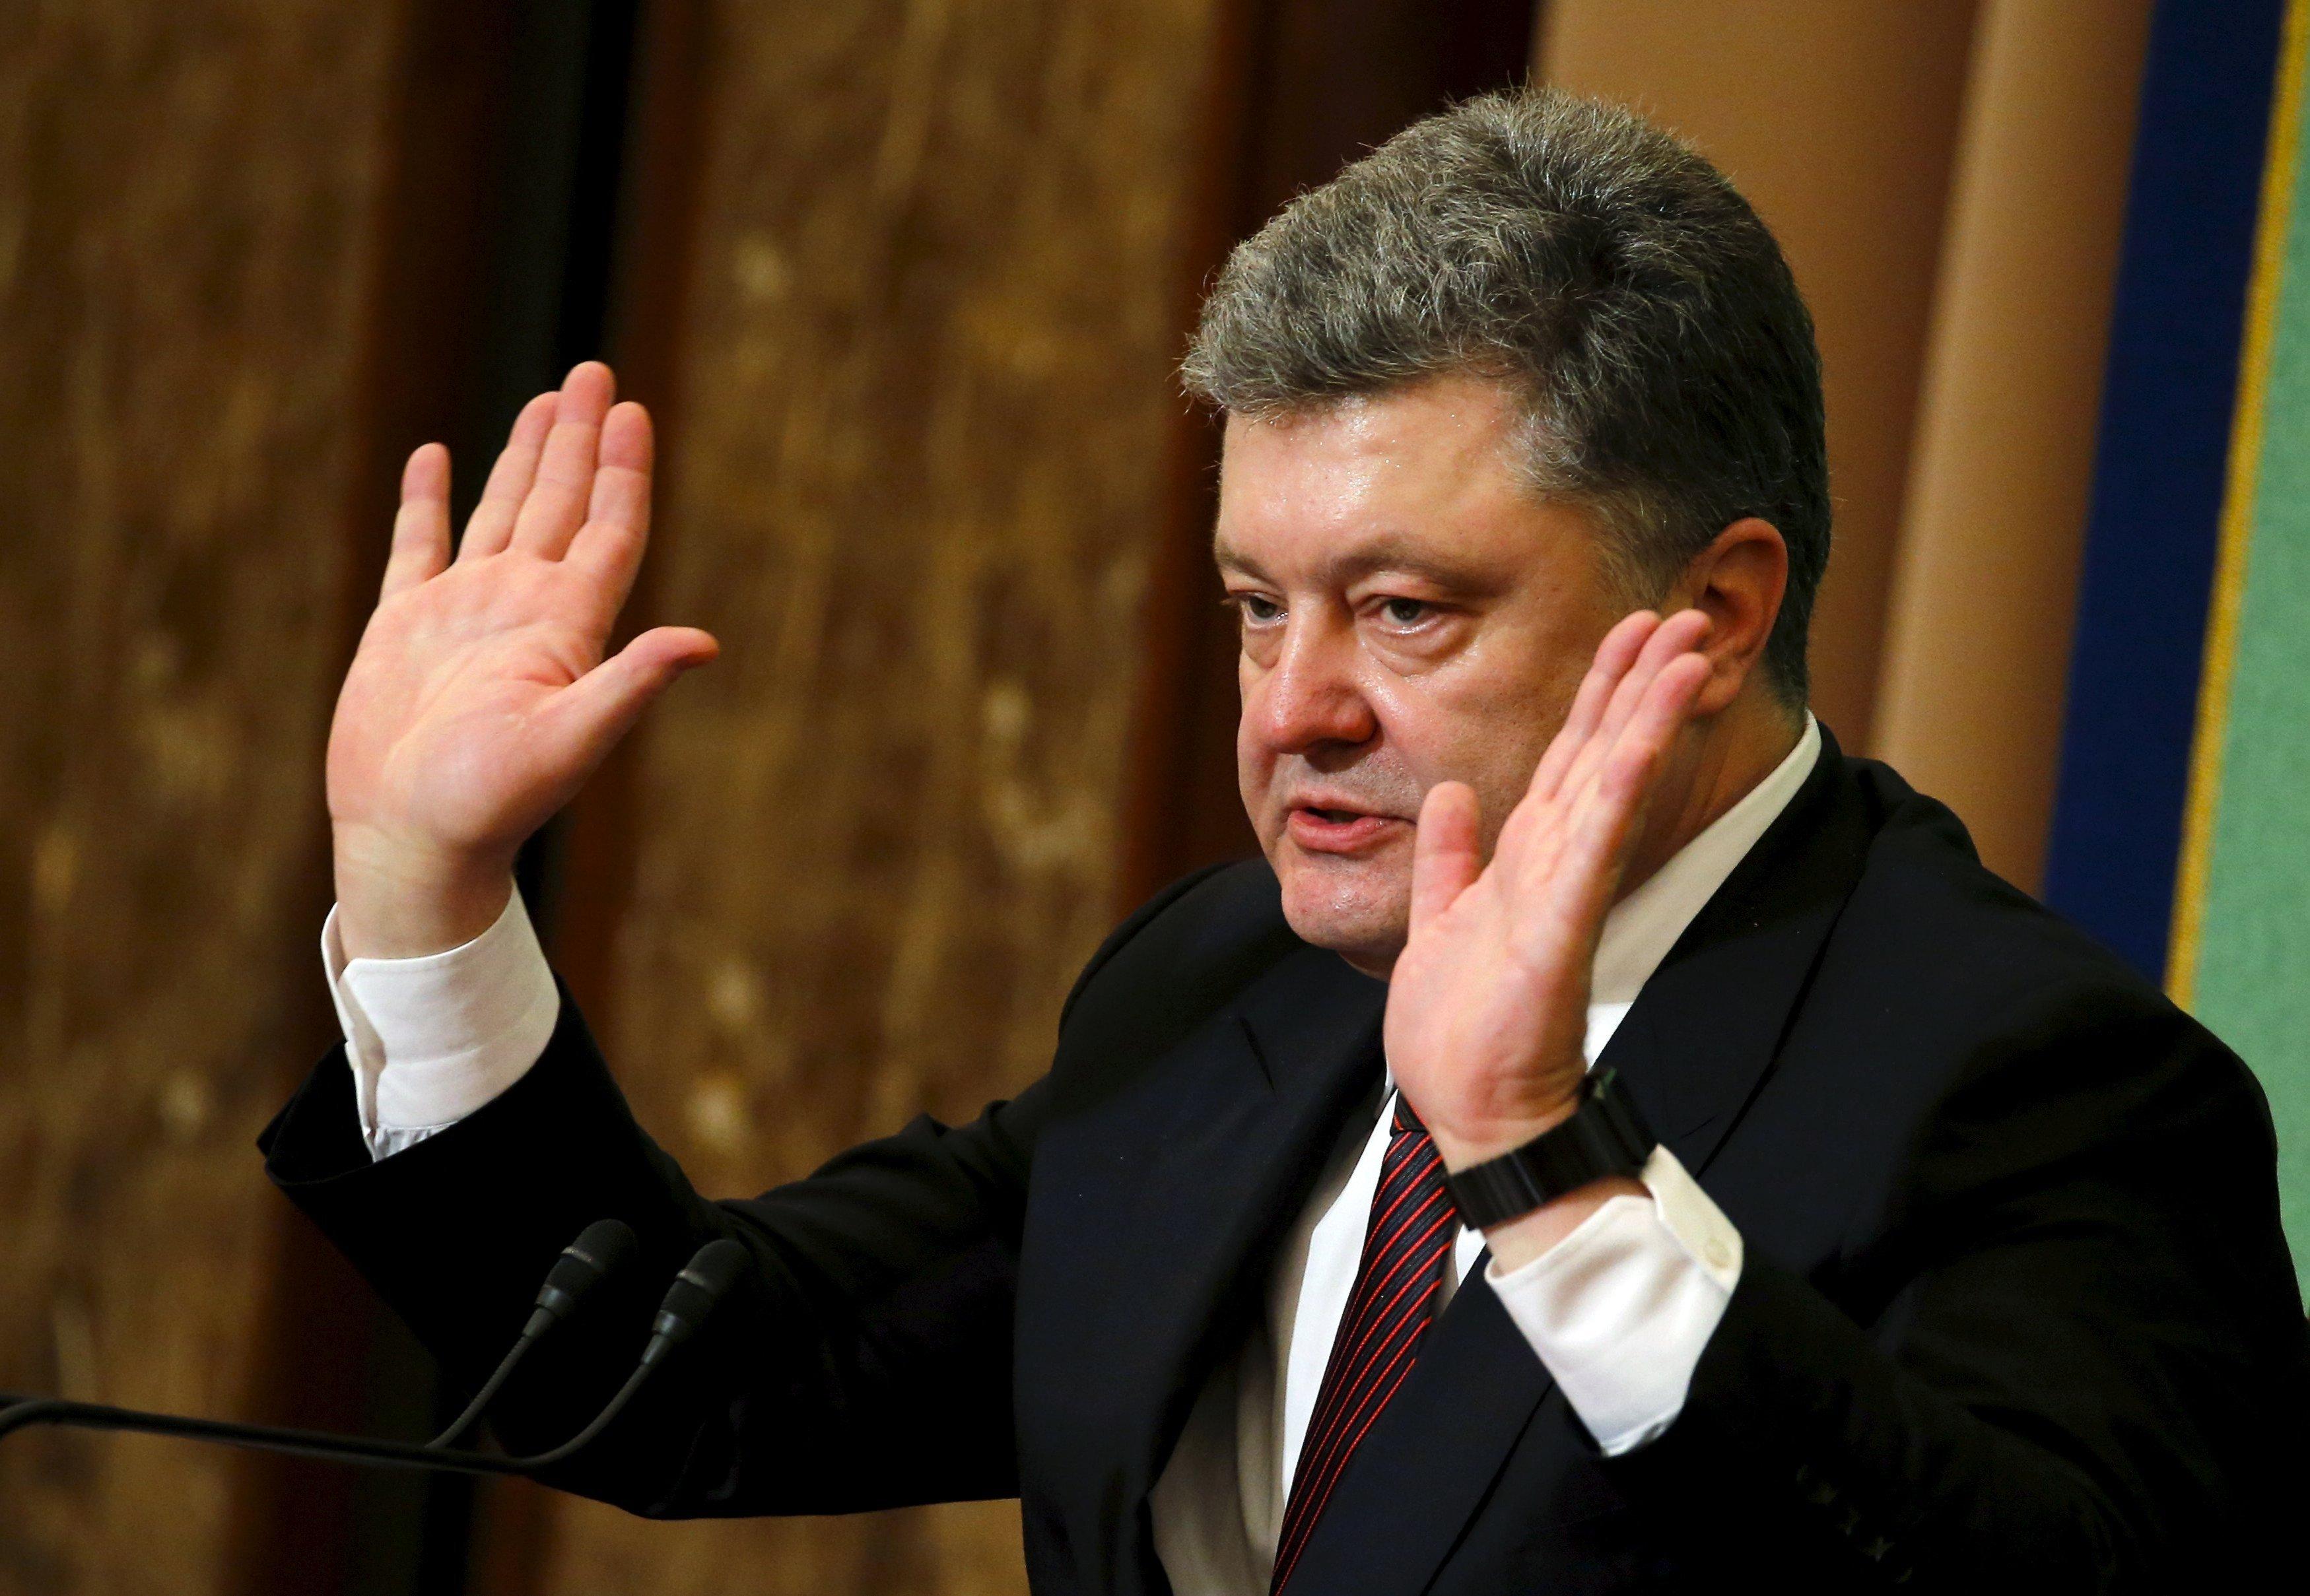 Рішення про повернення РФ в ПАРЄ було прийнято до президентських виборів. Це сталося б за будь-якого розвитку політичної ситуації в Україні, - Клімкін - Цензор.НЕТ 2602